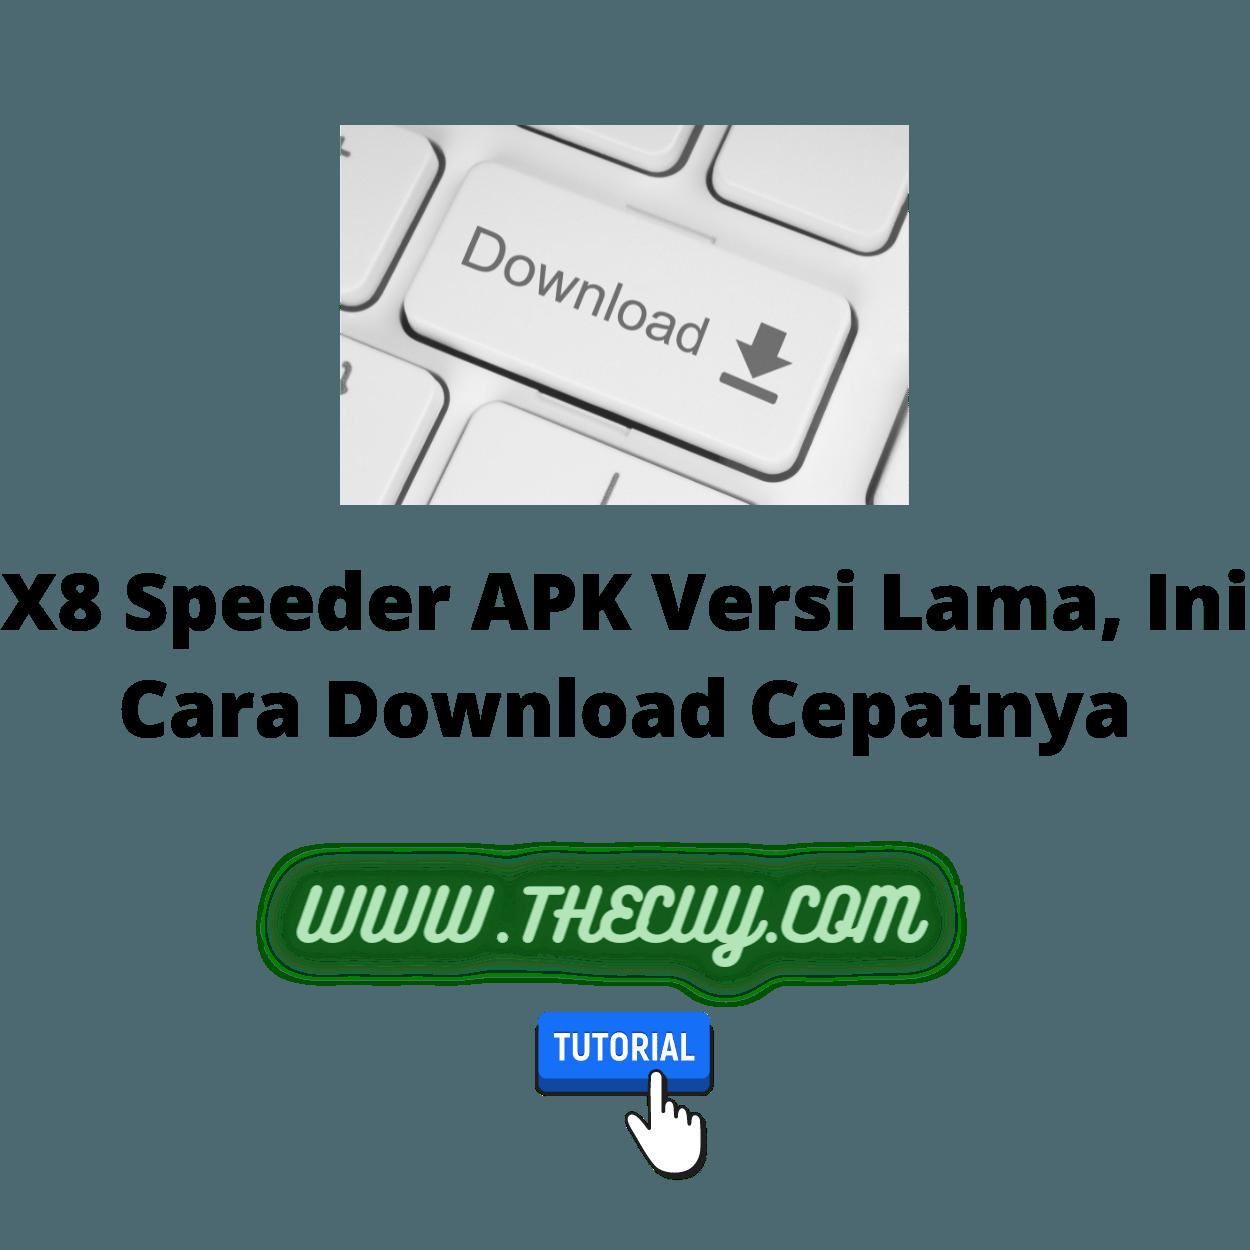 X8 Speeder APK Versi Lama, Ini Cara Download Cepatnya